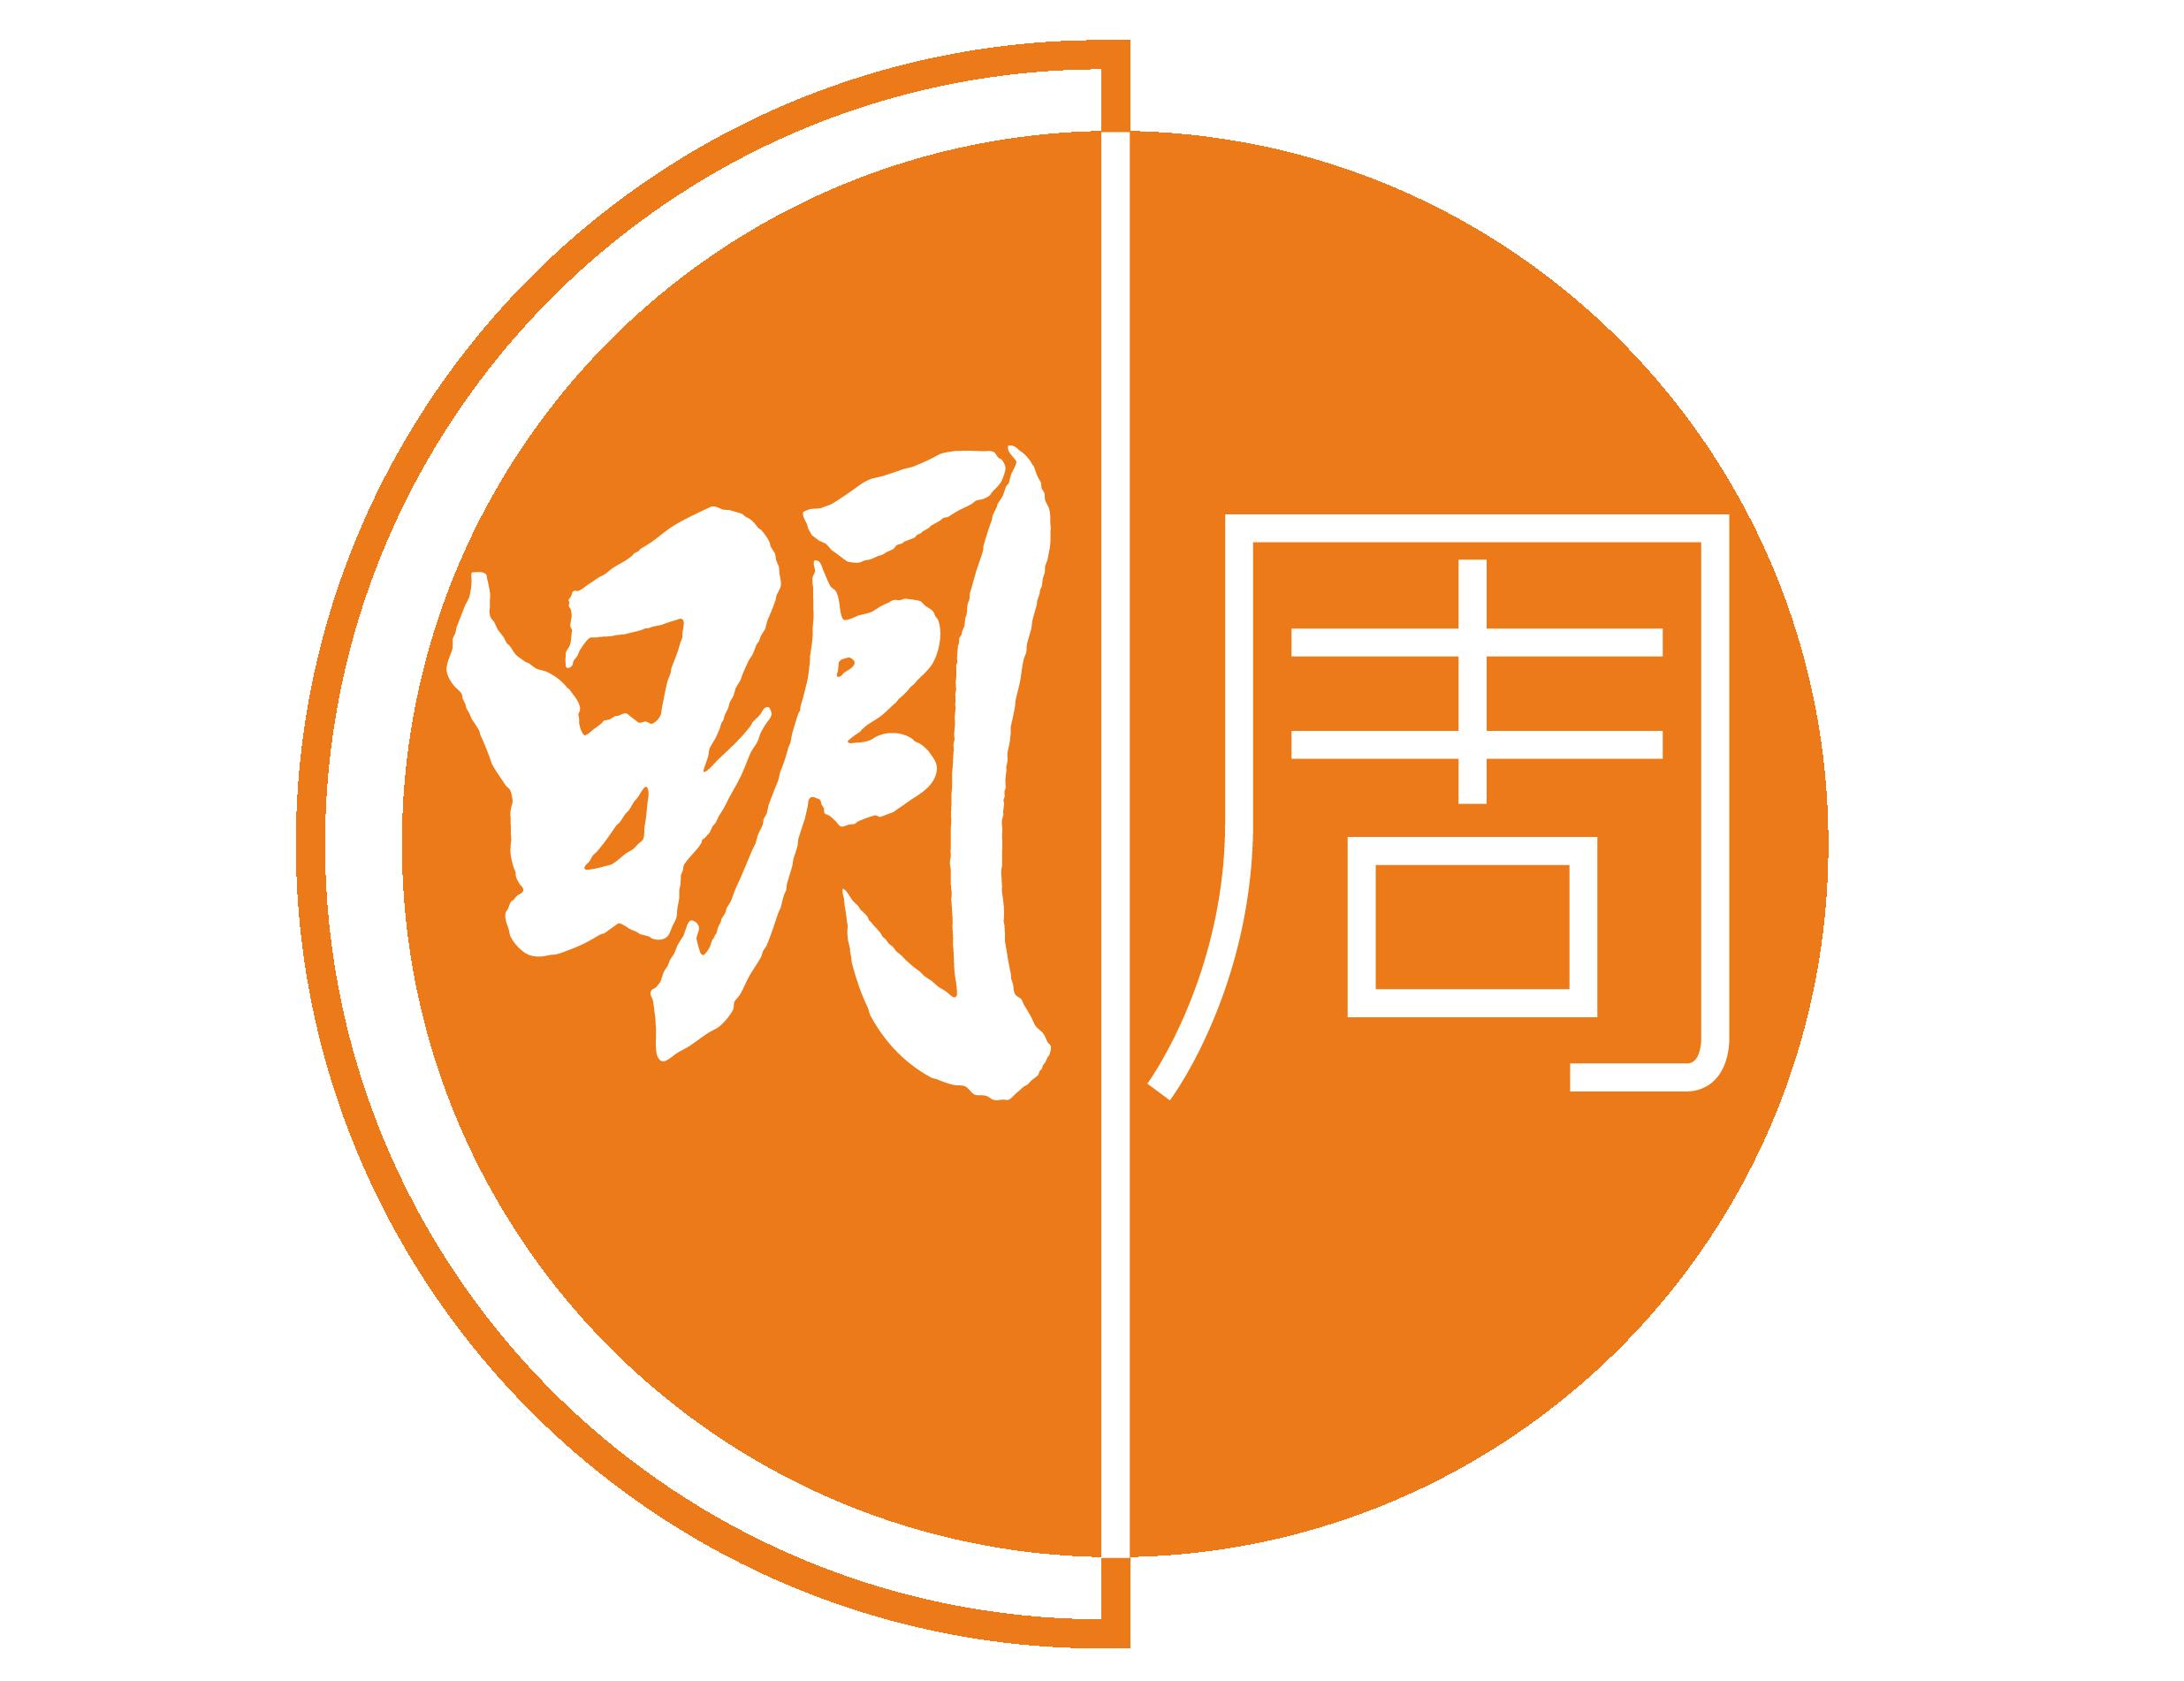 MPW-logo 2018